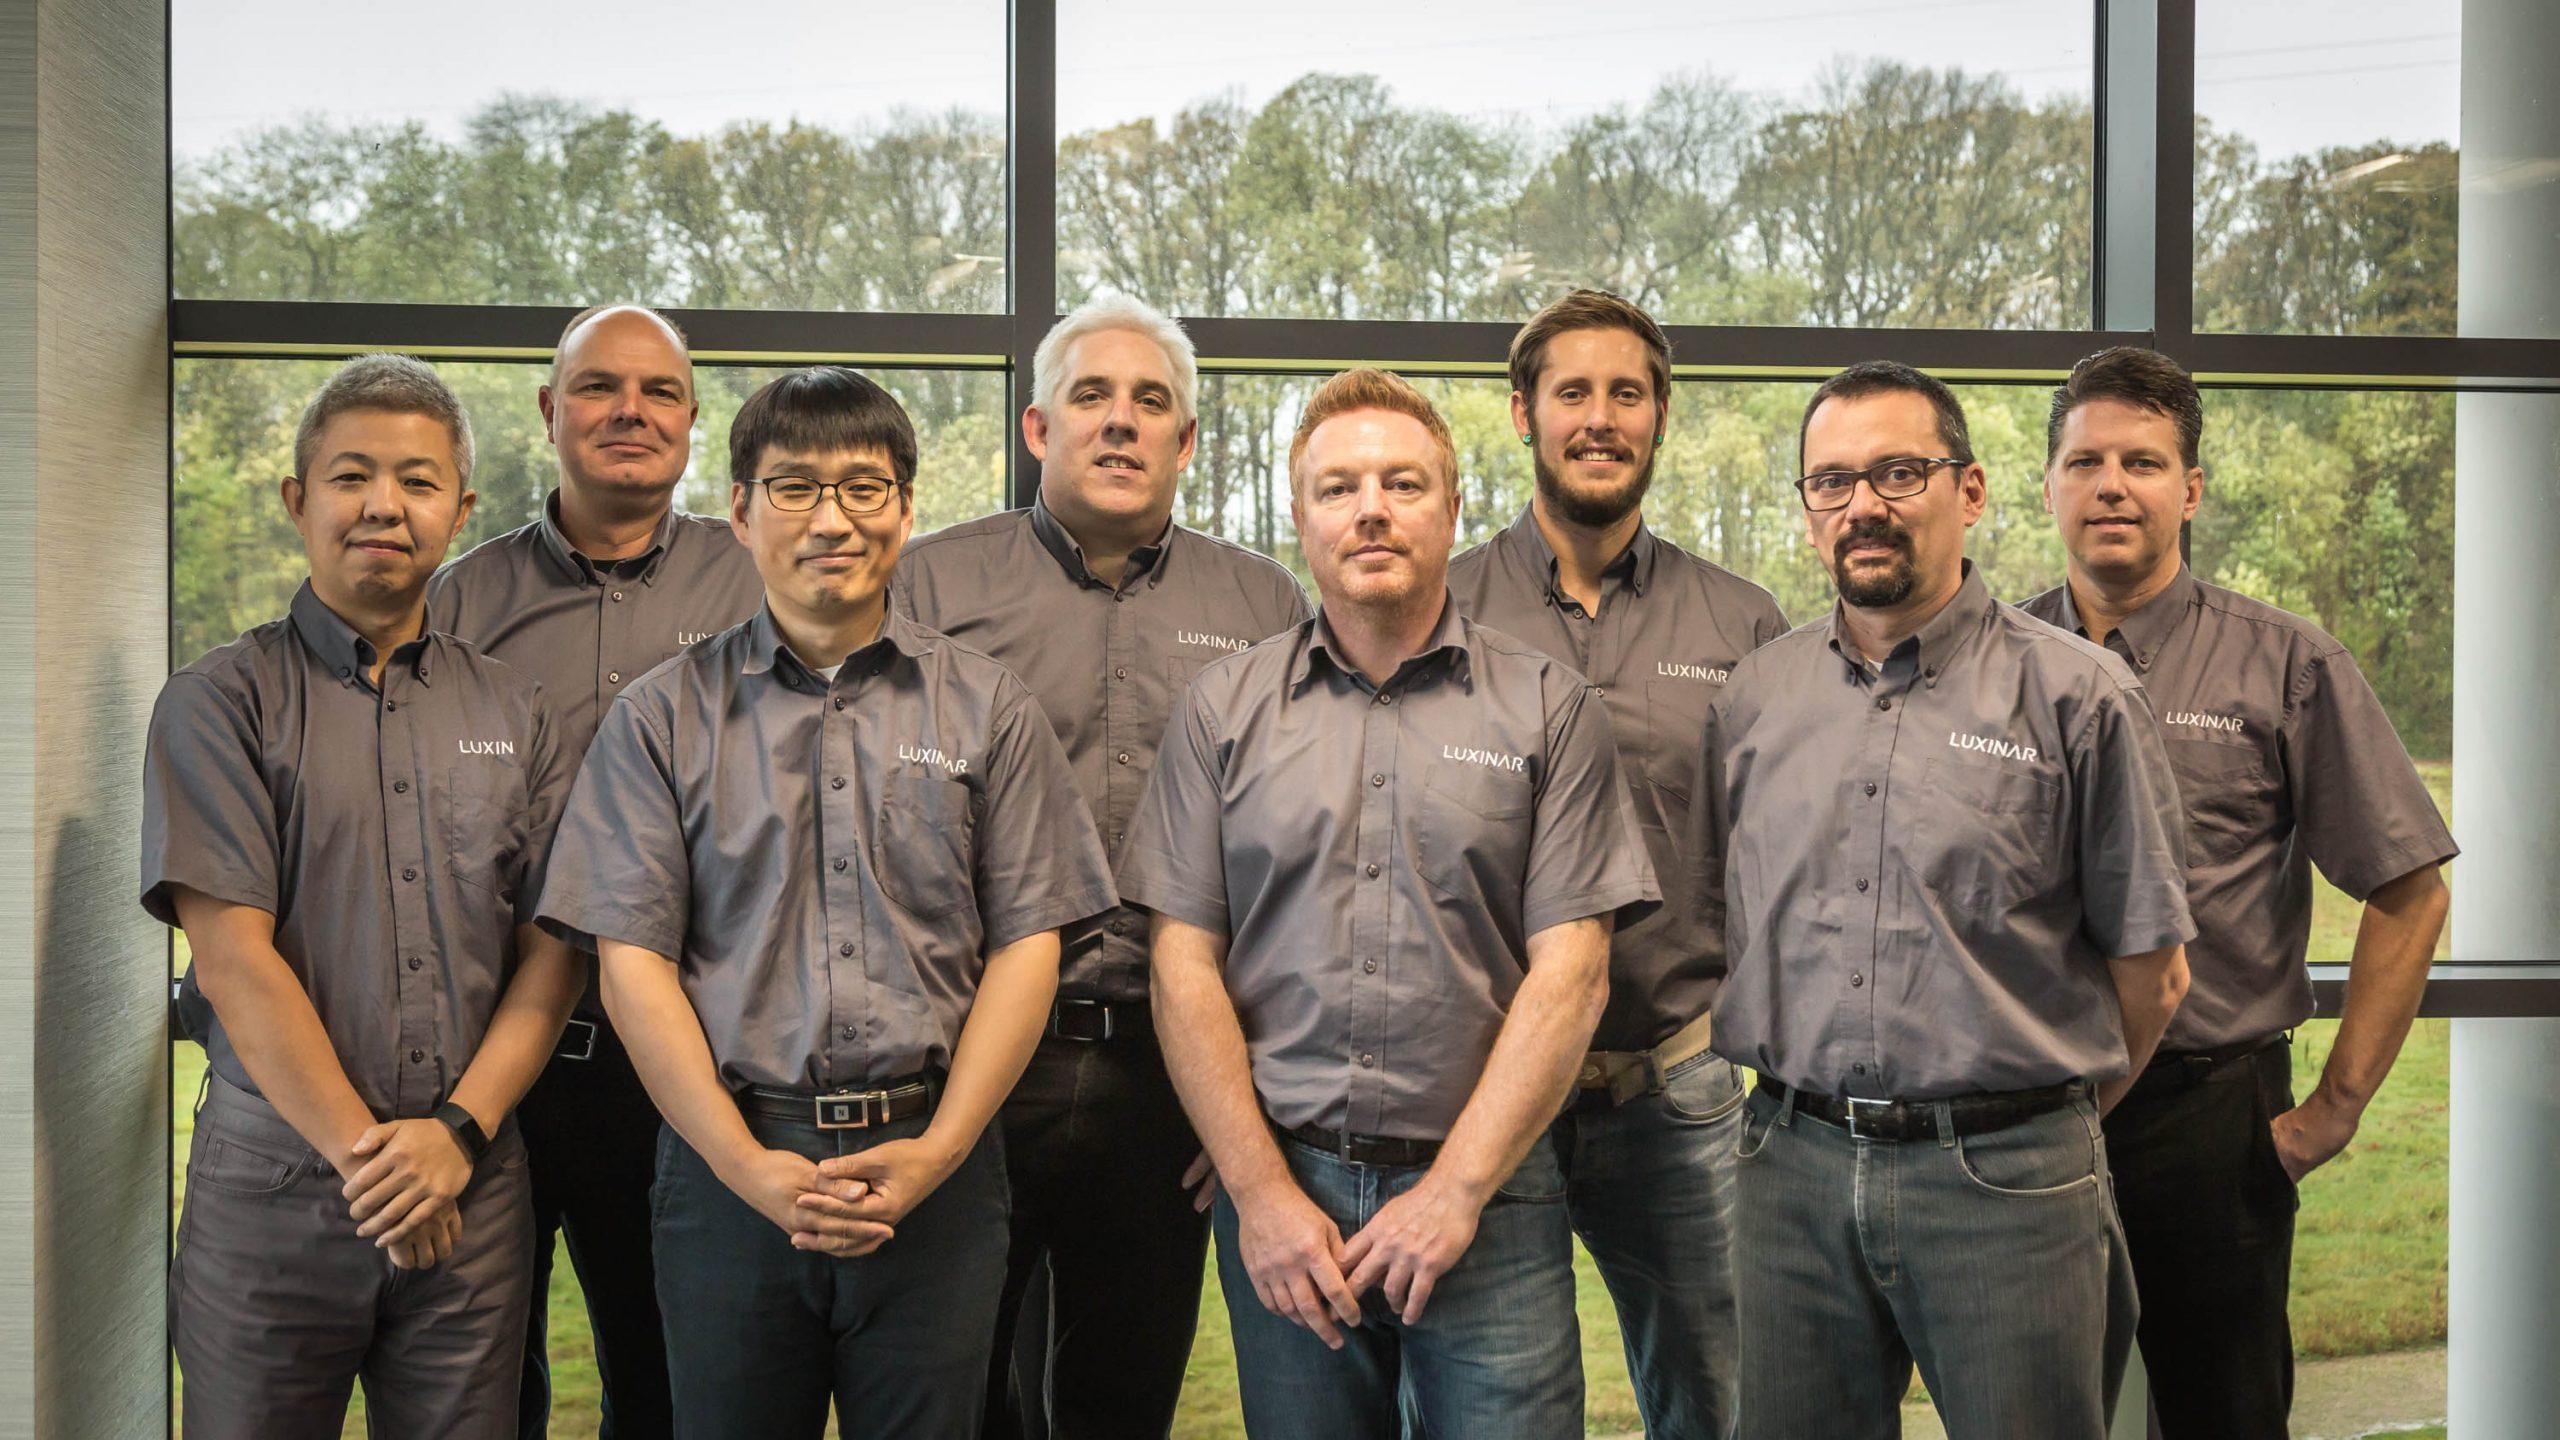 Luxinar의 글로벌 애프터세일즈 팀